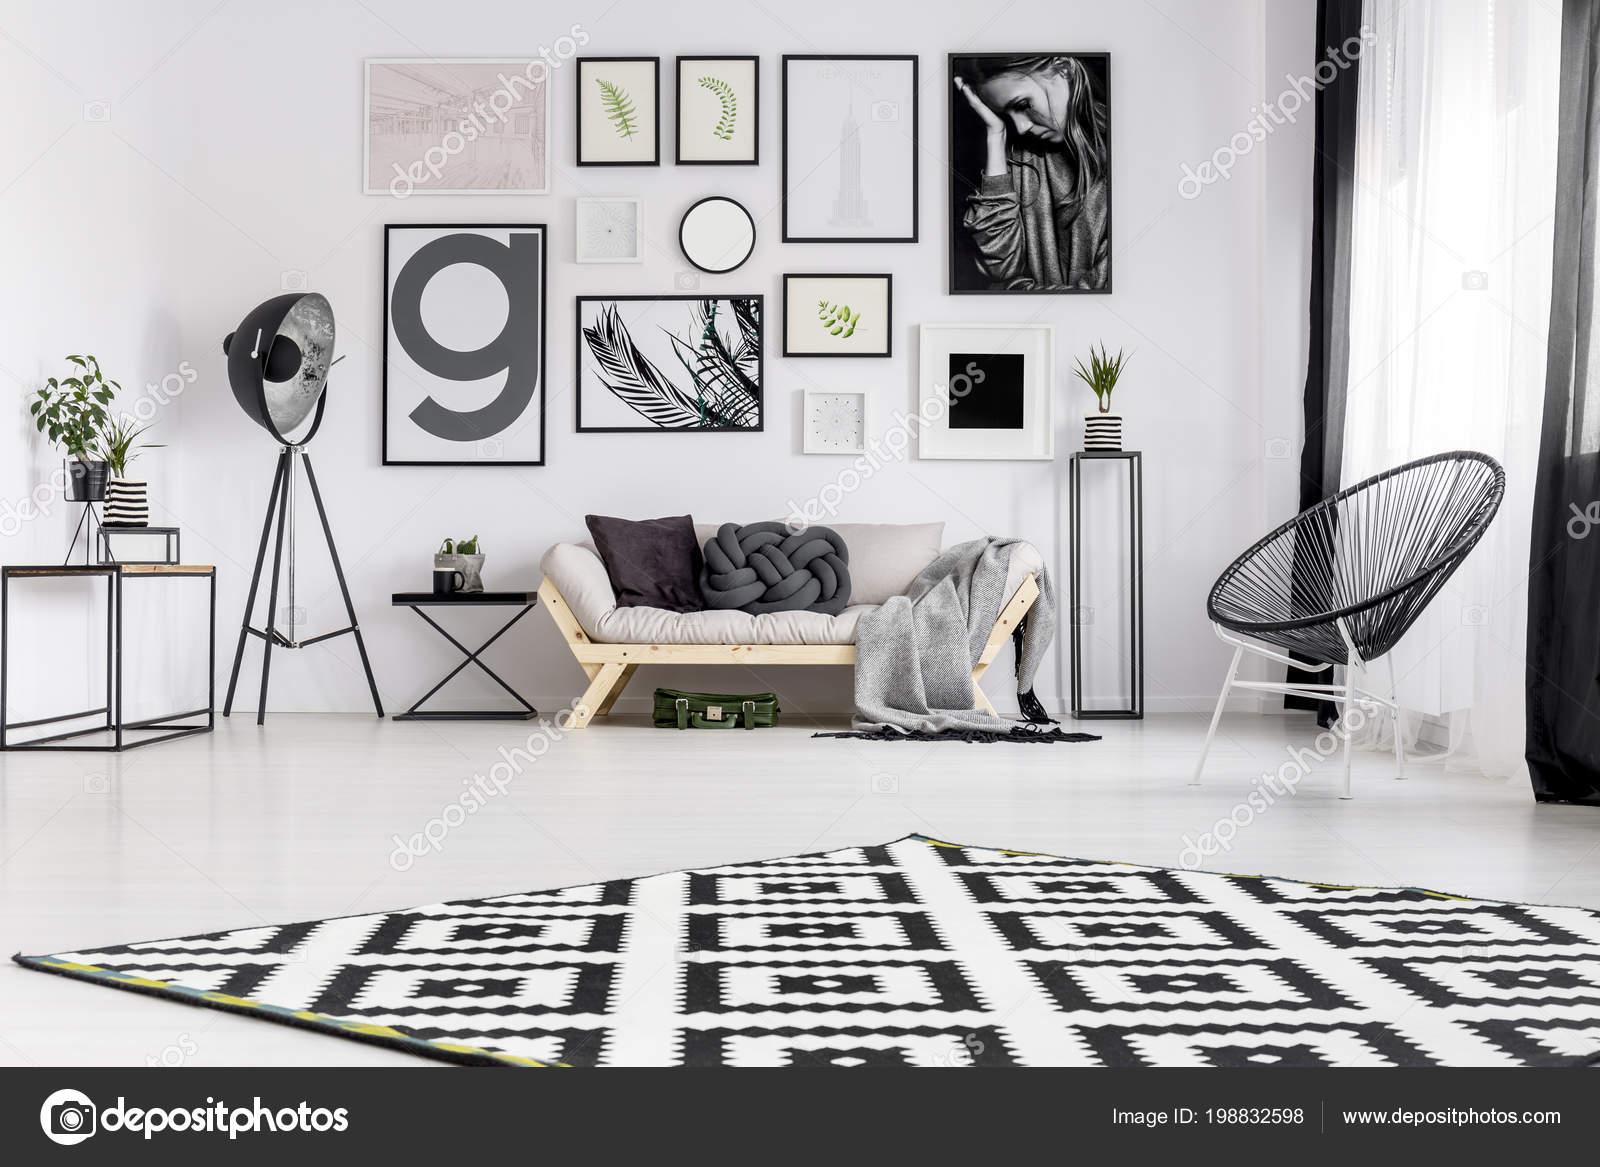 Poltrona Preta Perto Sof Moderno Sala Interior Com Galeria Posters  -> Parede Galeria Sala